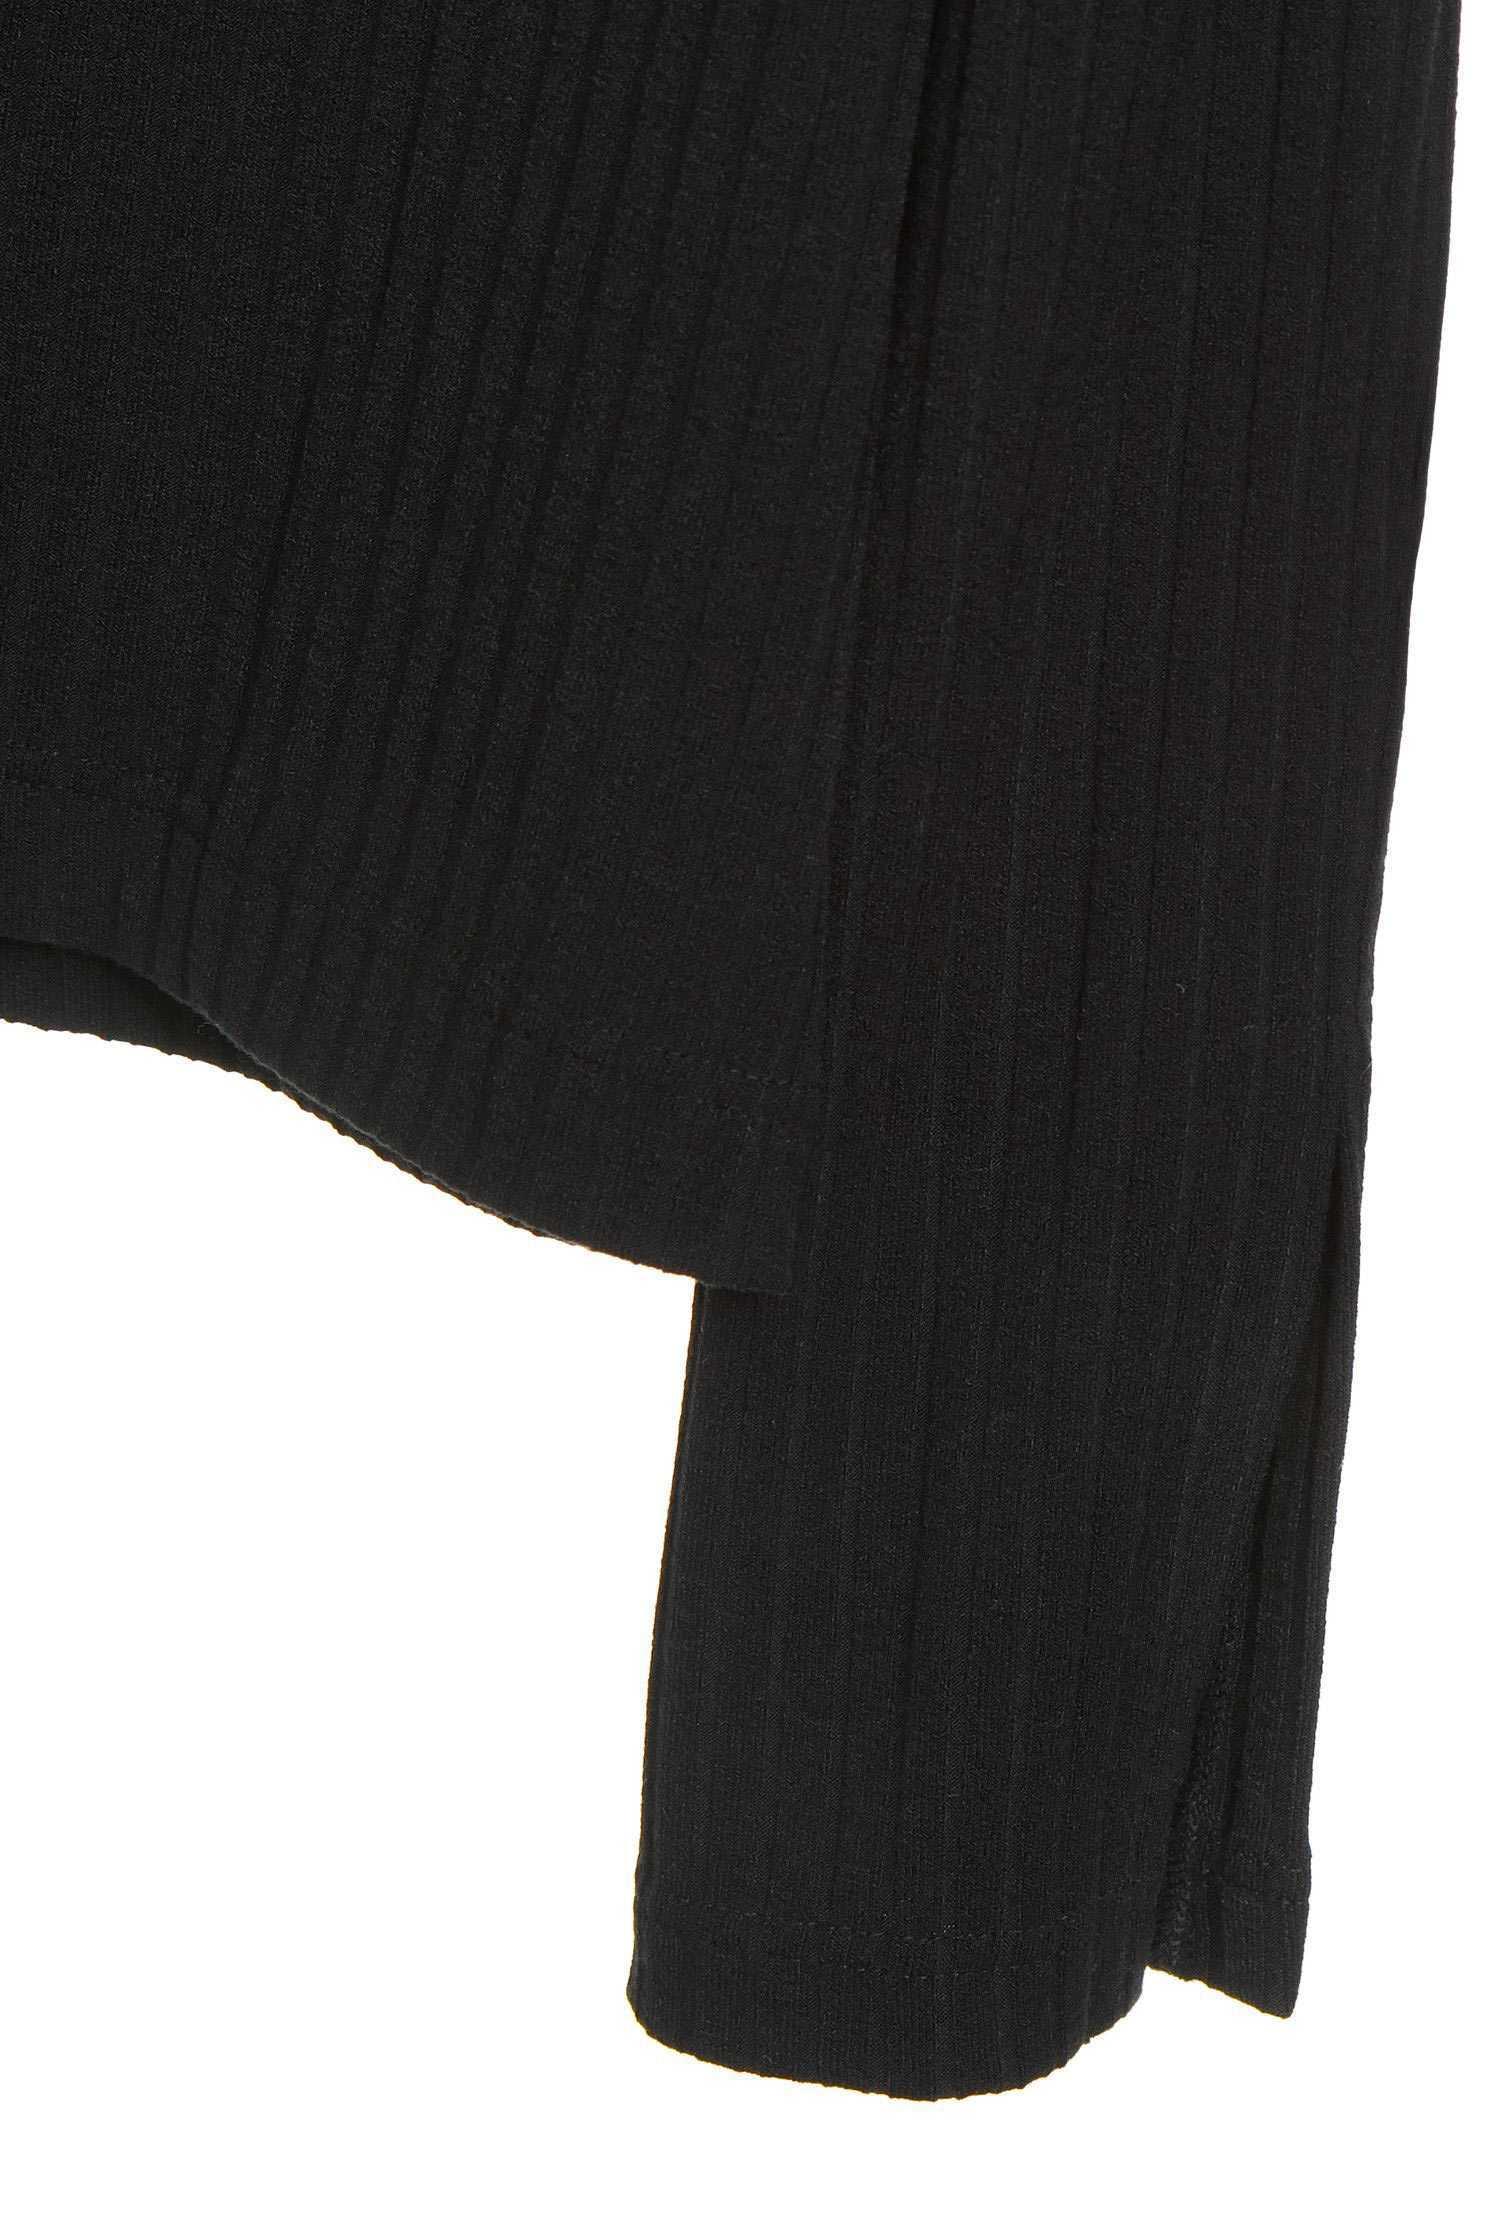 Lapel long-sleeved T-shirt,T-Shirt,T恤,Off shoulder Top,Top,Off Shoulder Top,長袖上衣,黑色上衣